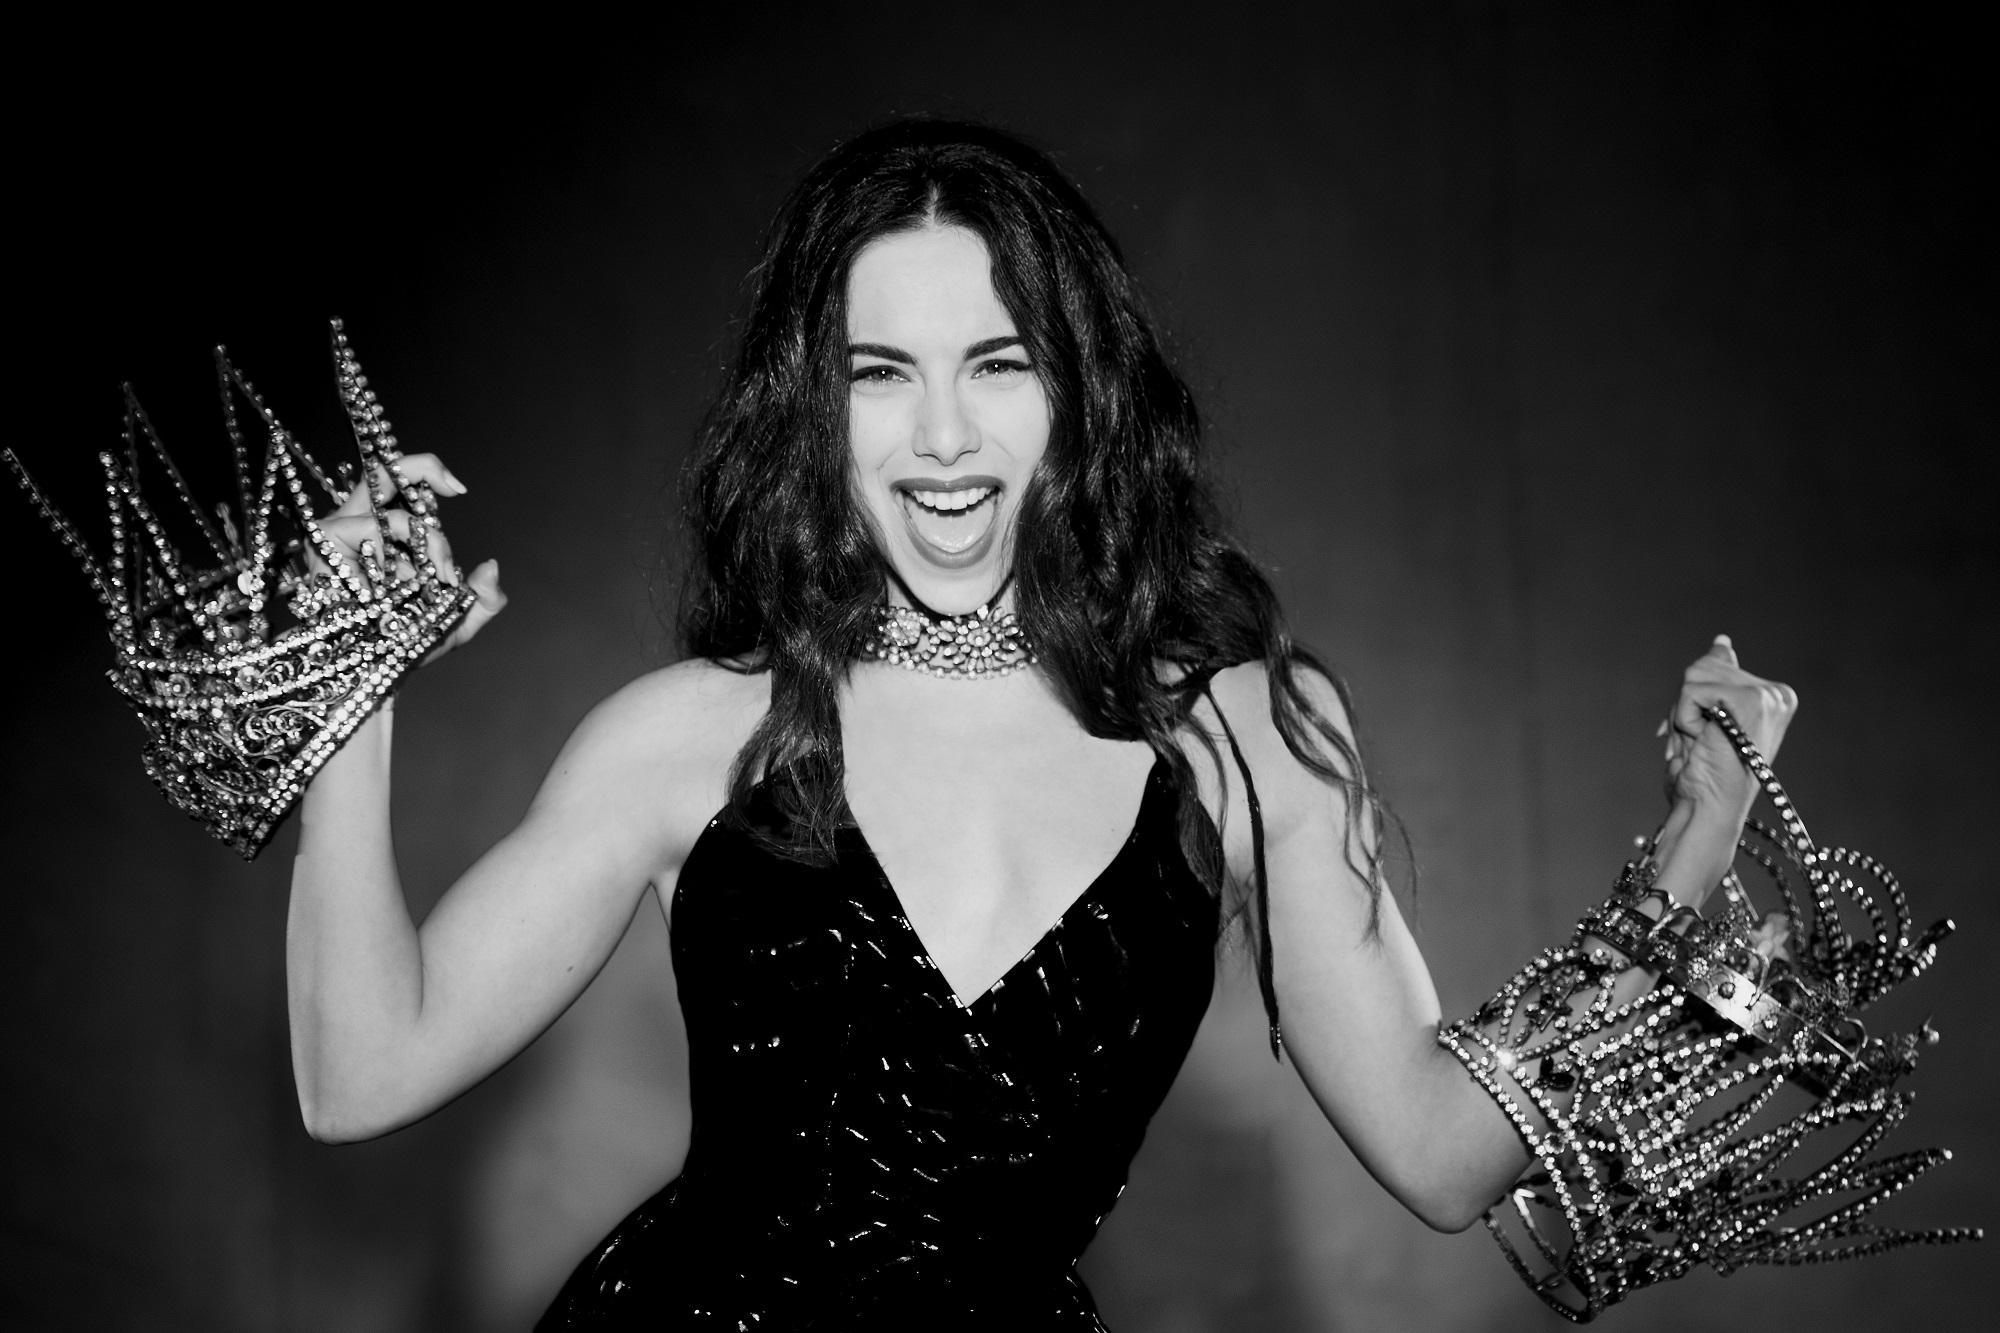 Il calendario di Miss Italia 2019 apre le celebrazioni degli 80 anni del Concorso